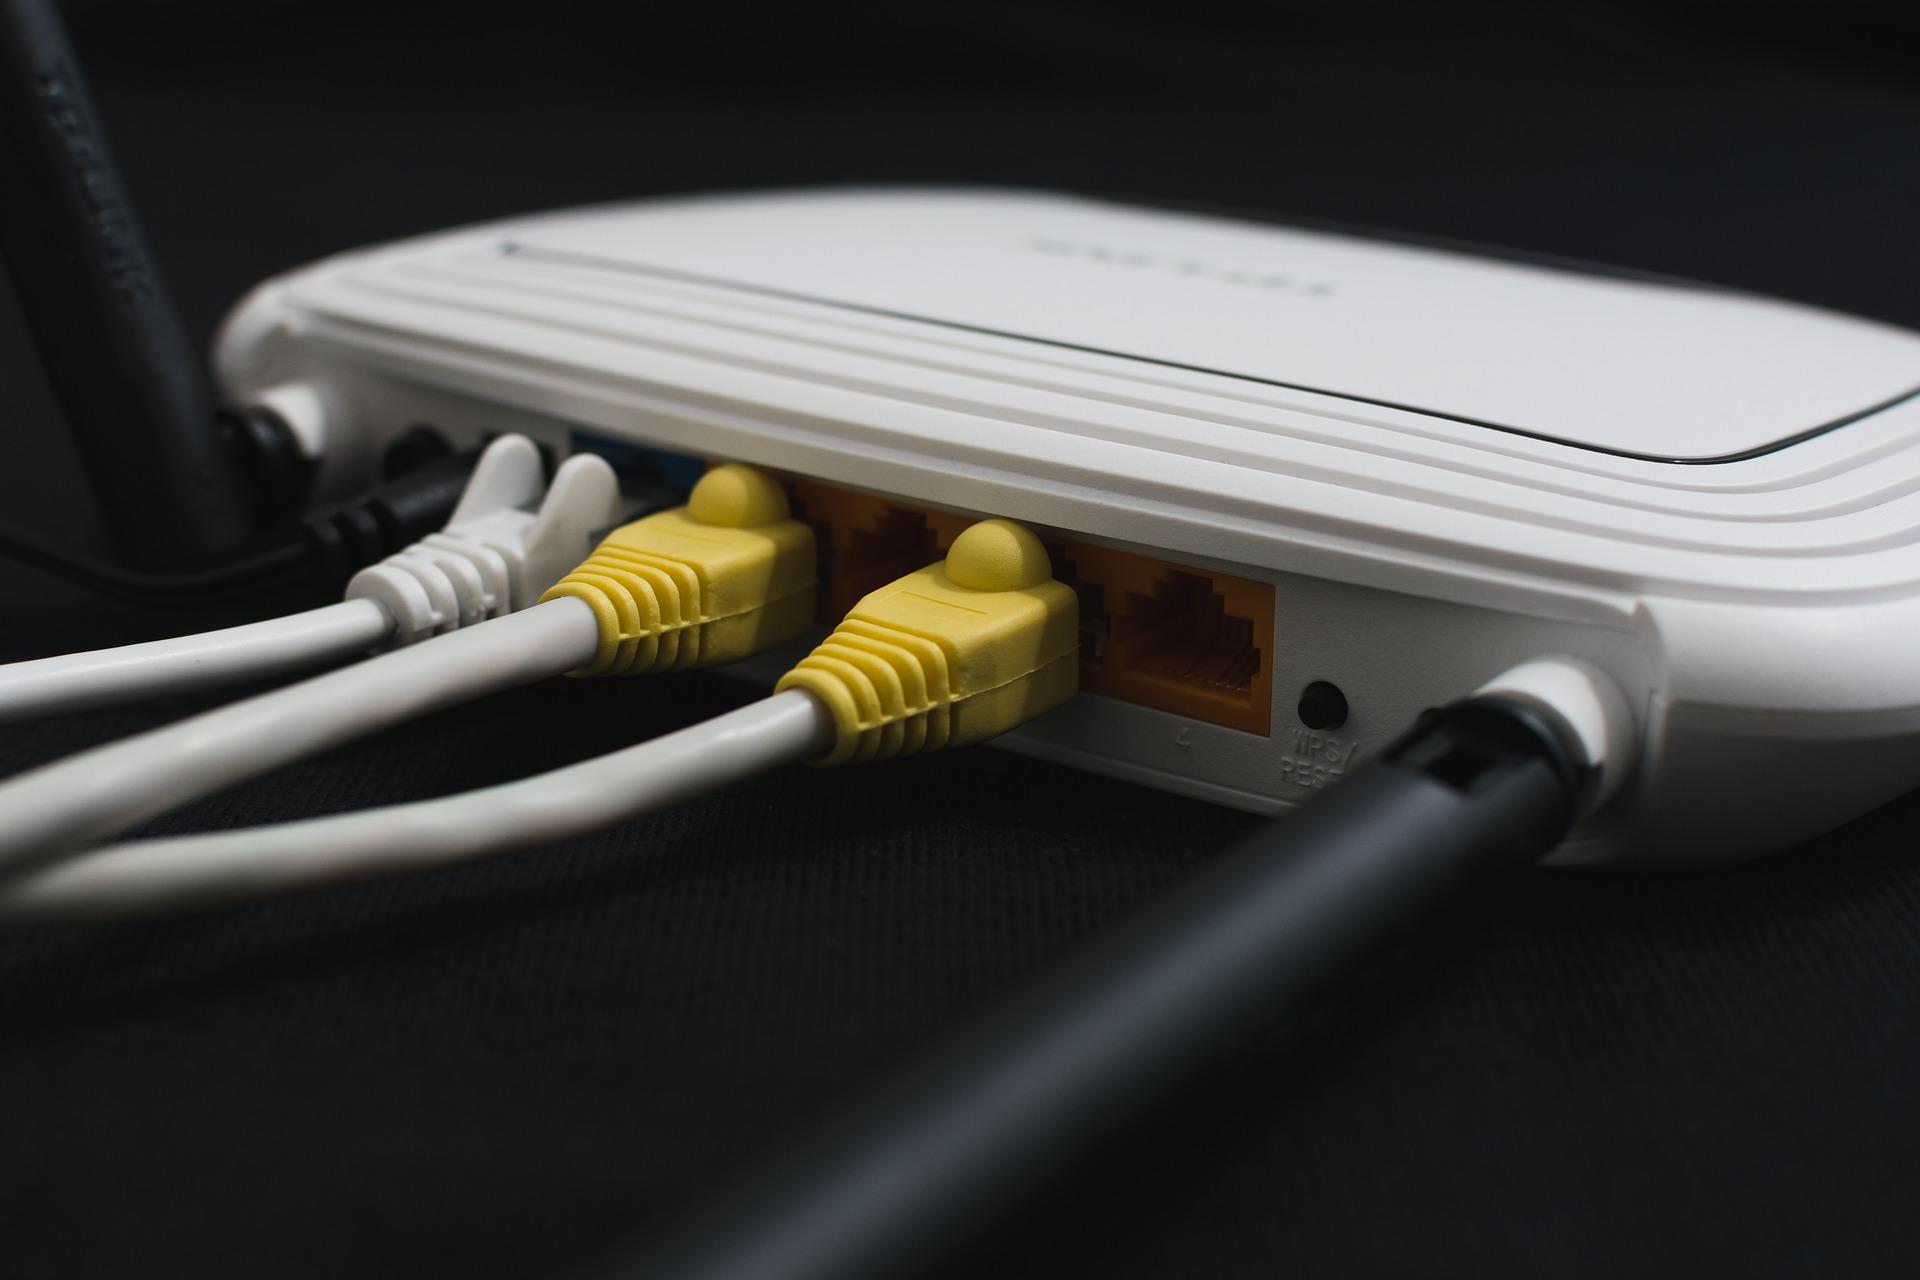 errori di connessione internet multiax italia rete locale lan wi fi pagina non disponibile